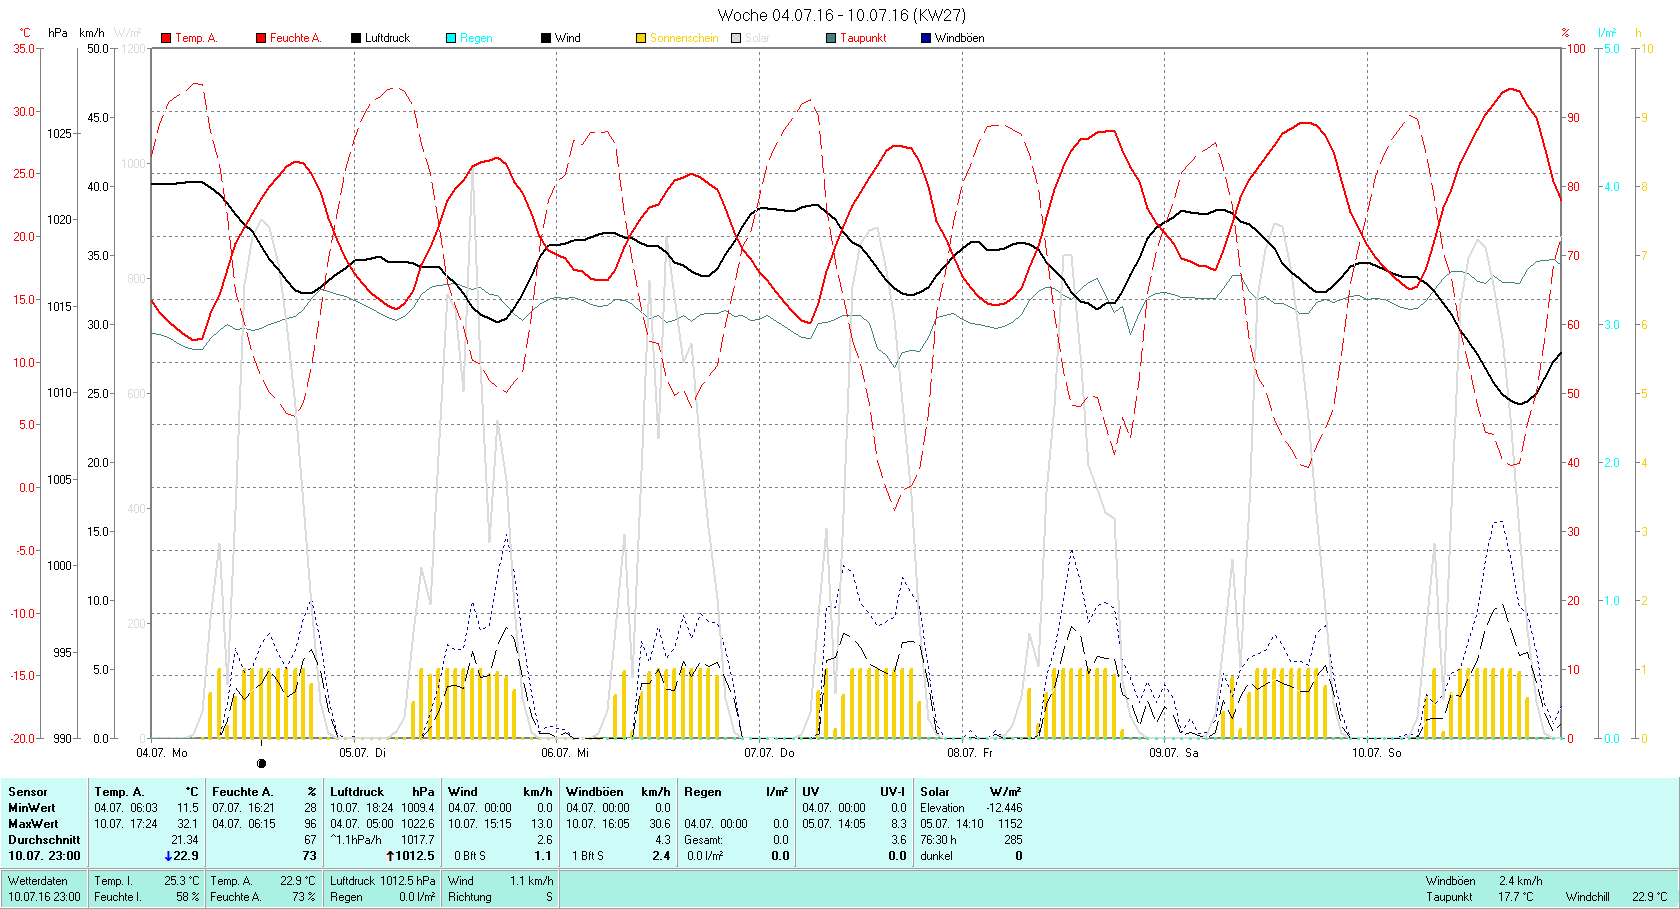 KW 27 Tmin 11.5°C, Tmax 32.0°C, Sonne 76:30h, Niederschlag 0.0mm/2